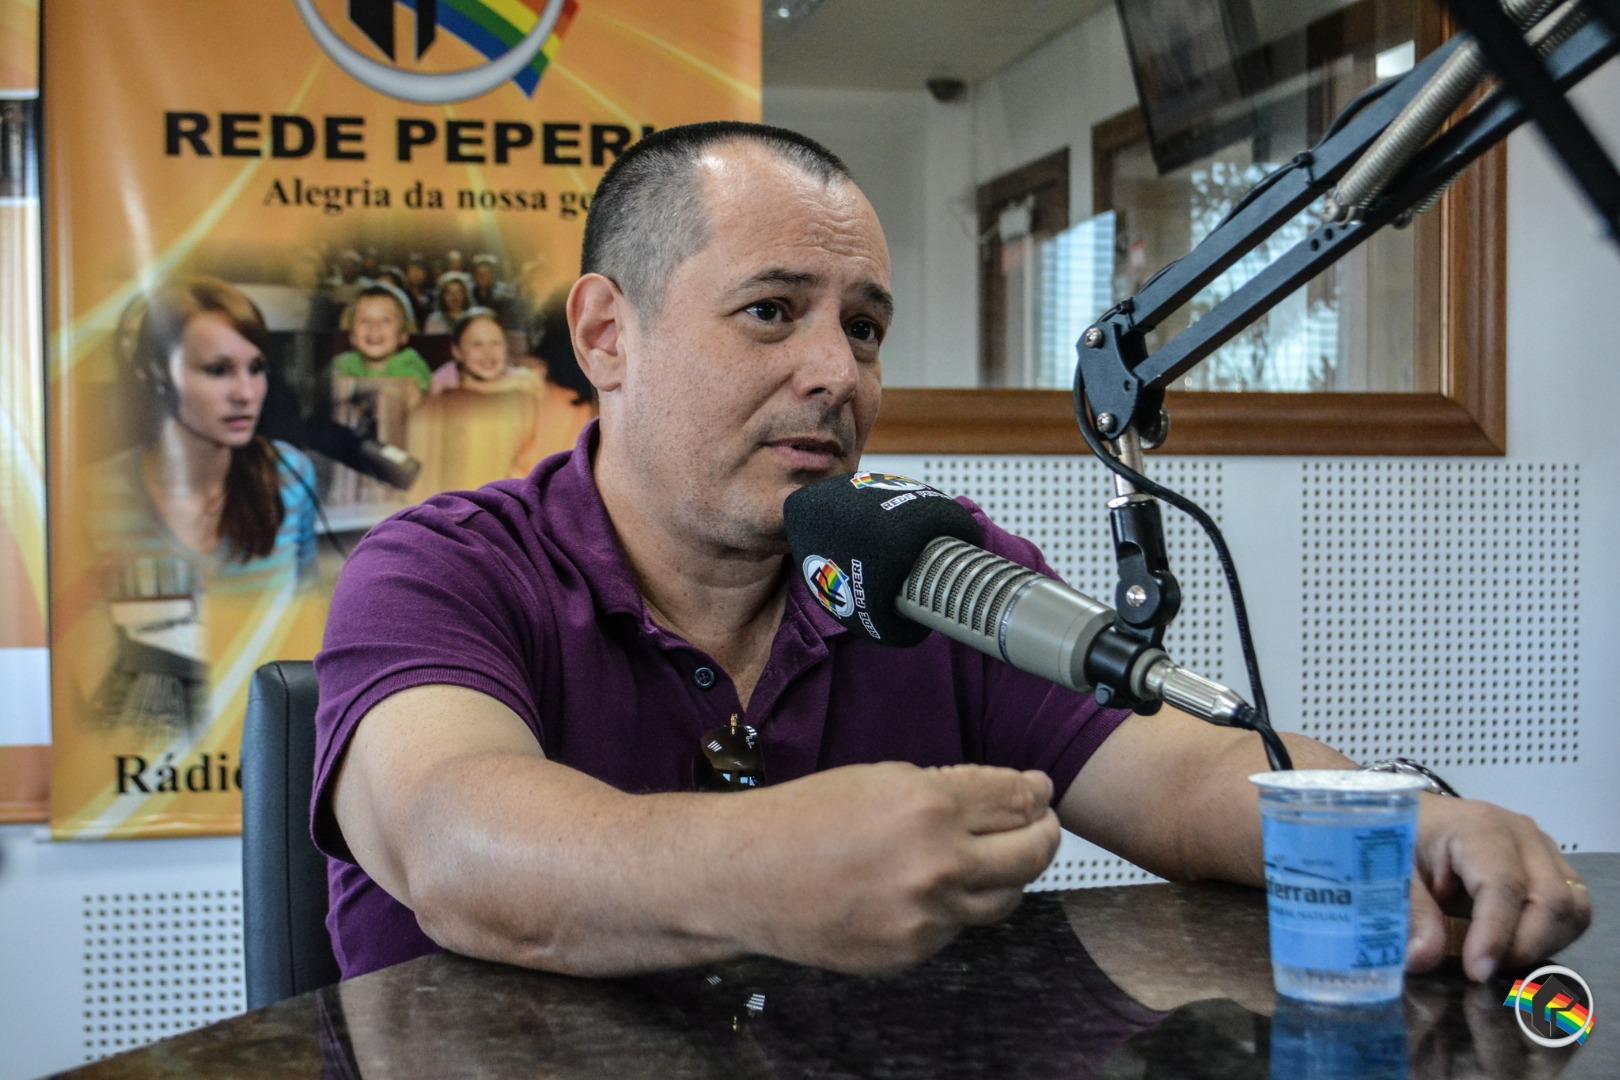 Arquitetura Contra o Crime é o tema do Peperi Rádio Repórter